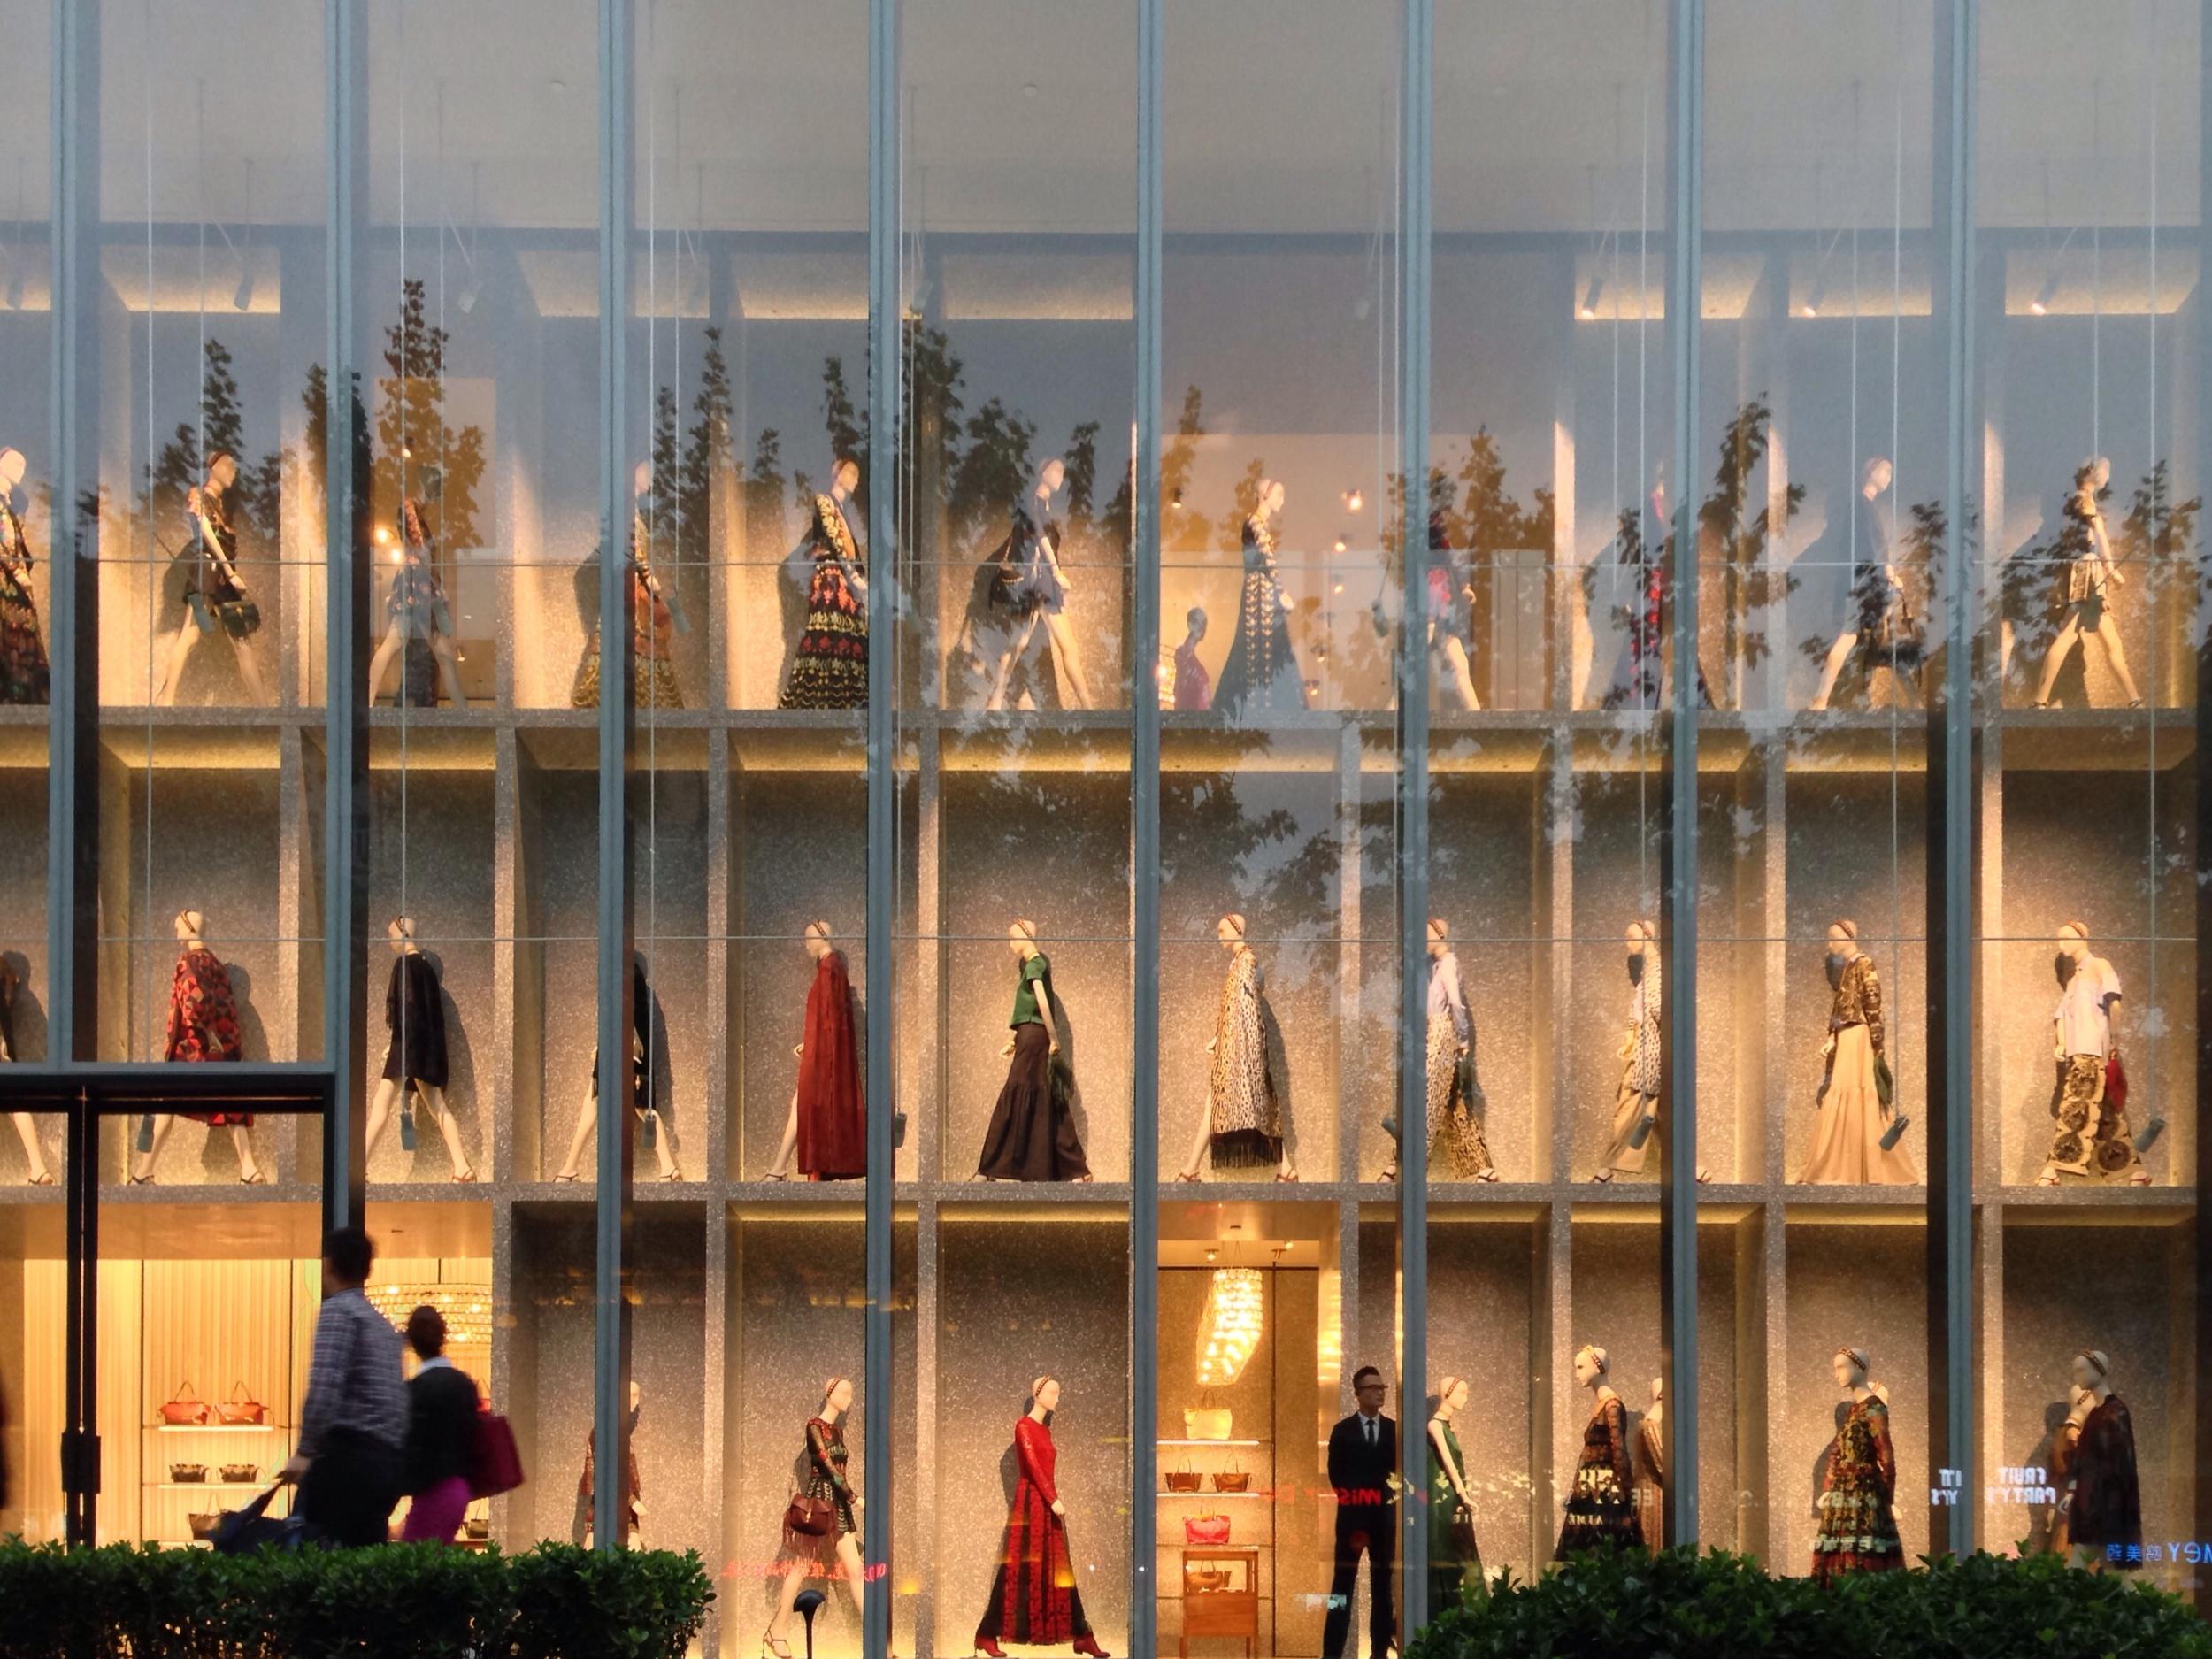 Great shop window